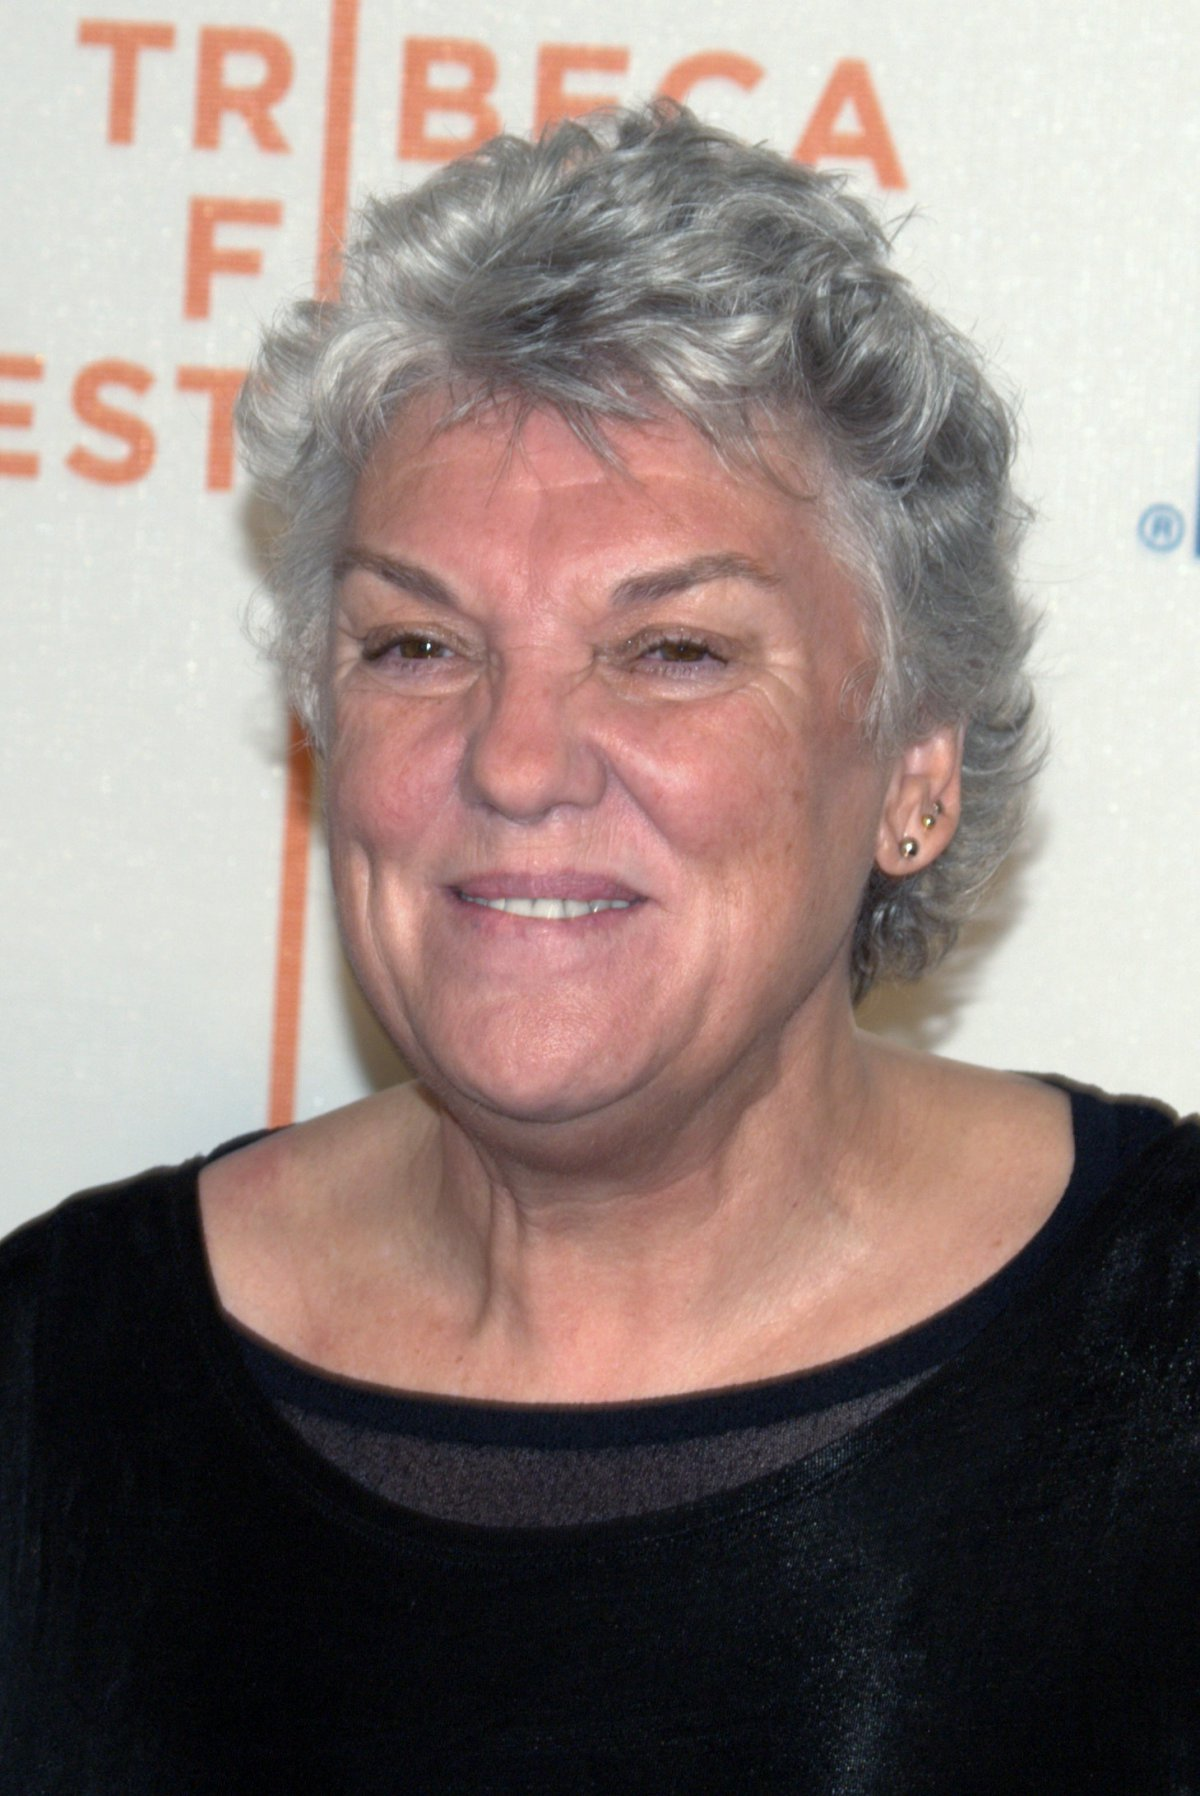 Tamara Feldman